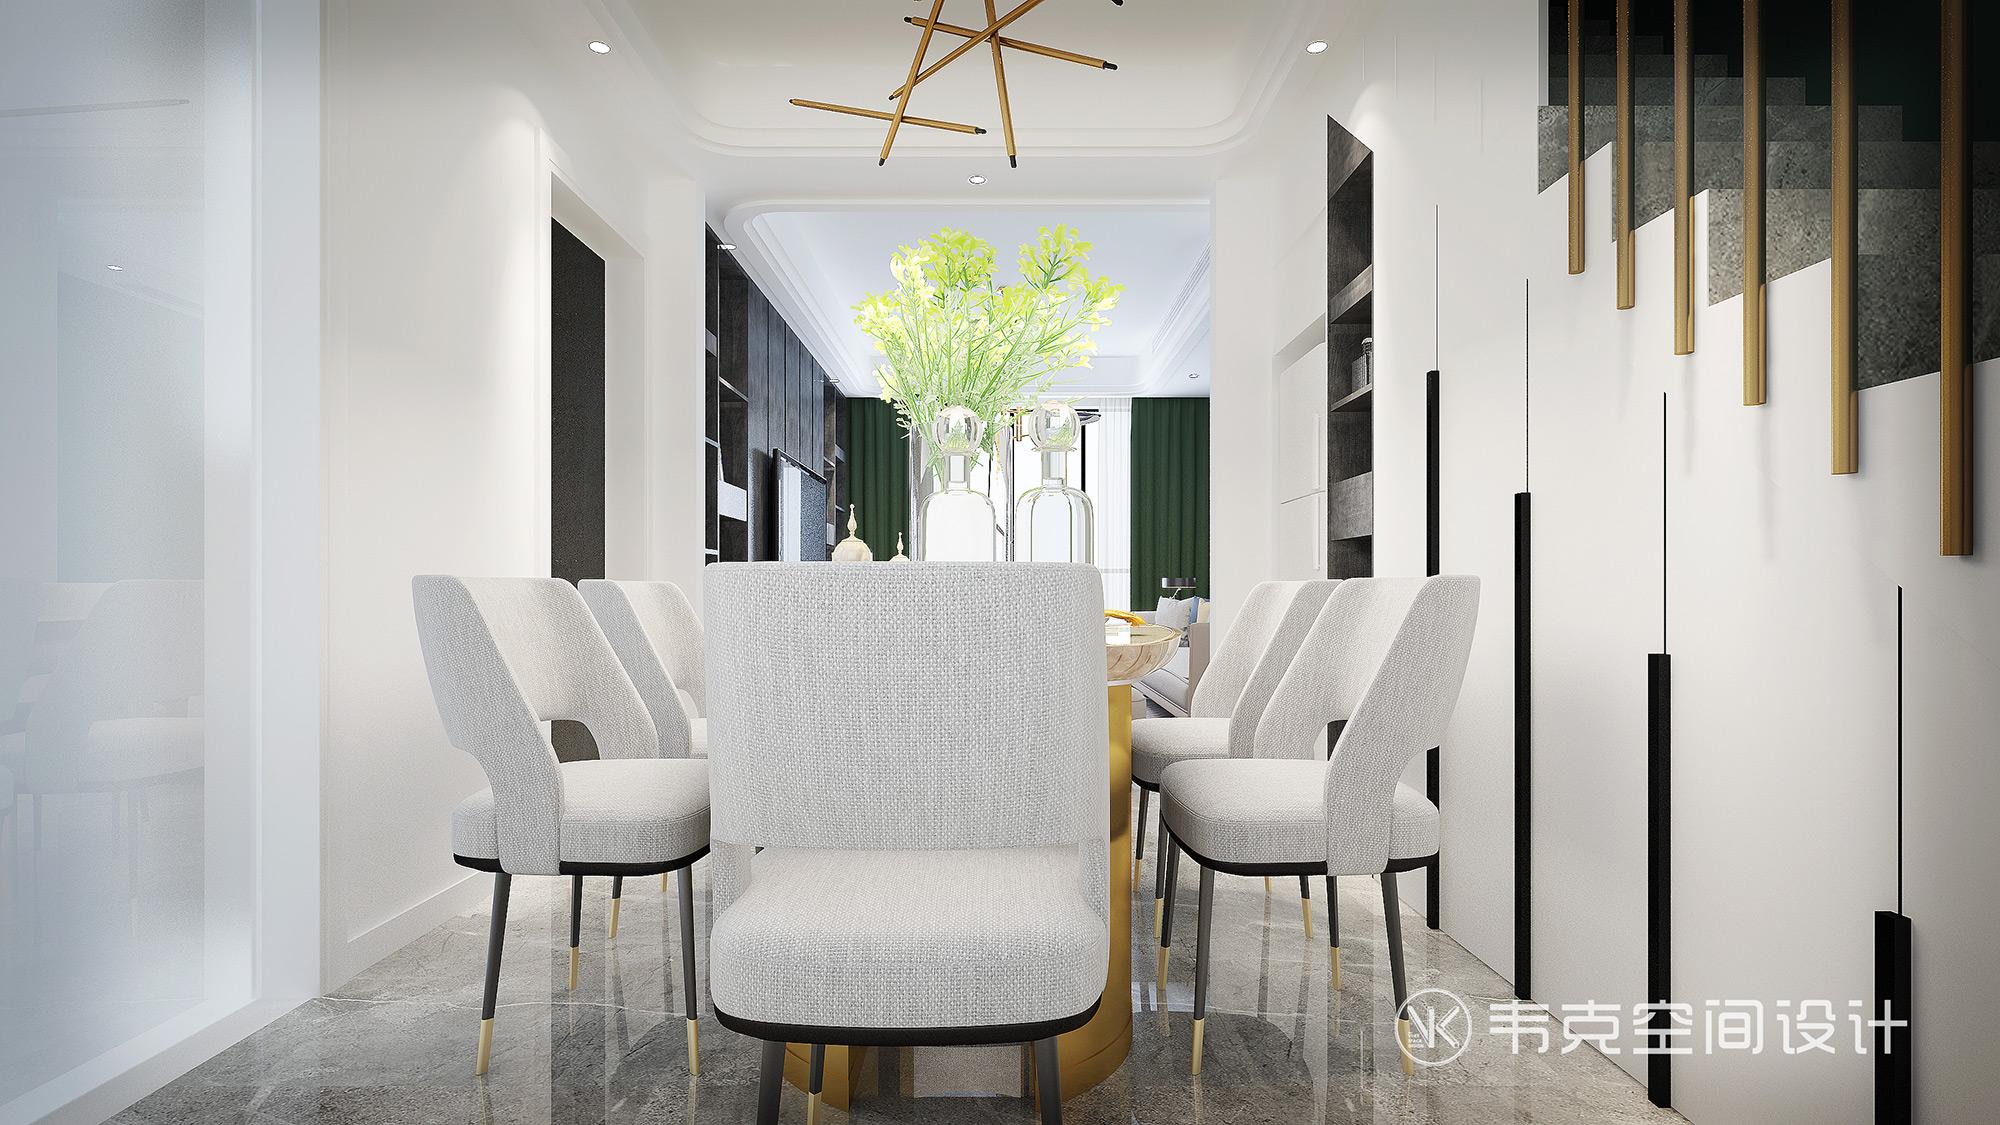 三居 餐厅图片来自韦克空间设计在轻奢三居,一饰精致,满室风雅的分享